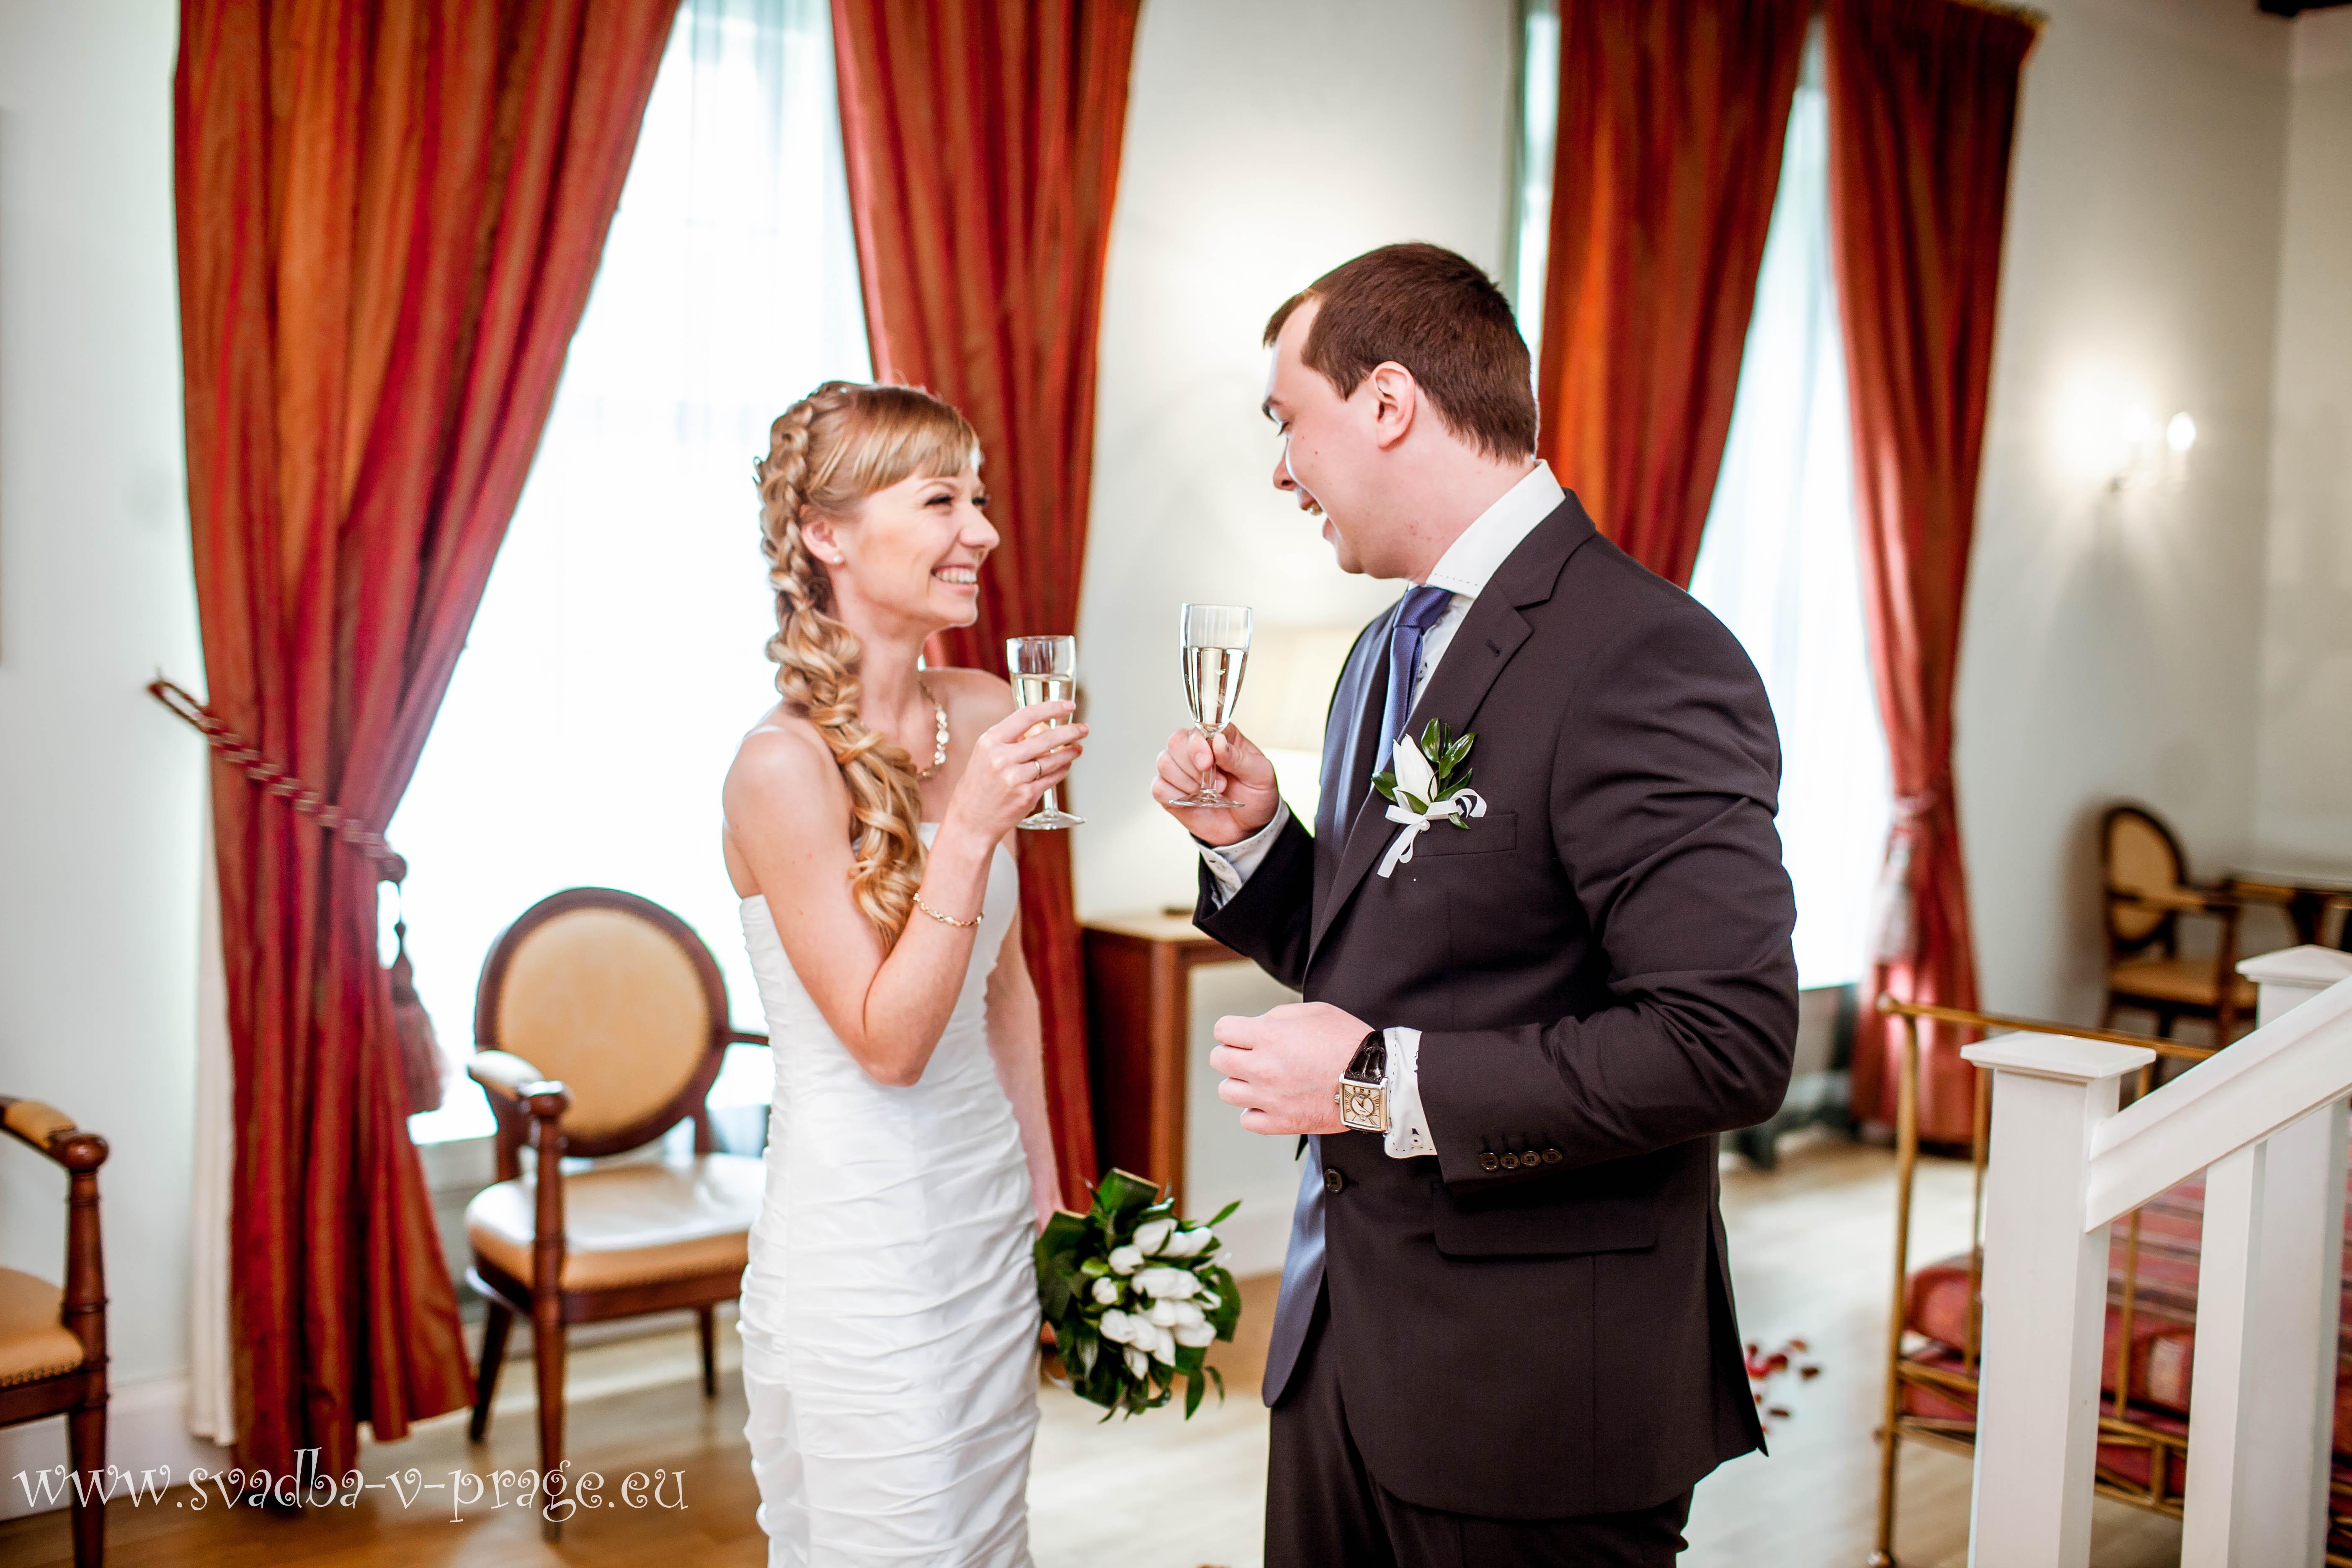 Свадьба Дмитрия и Киры — 4.6.2013 в Пахтове дворце в Праге - фото Свадьба в пражском Пахтове дворце